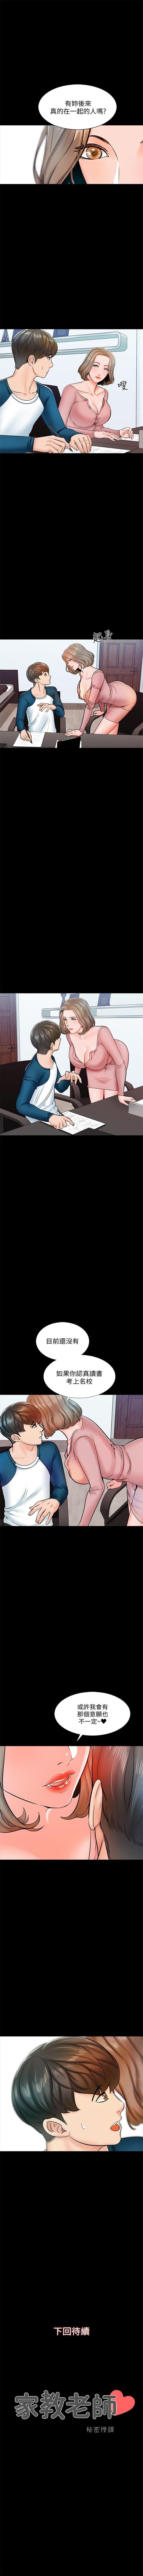 家教老師 1-42 官方中文(連載中) 94